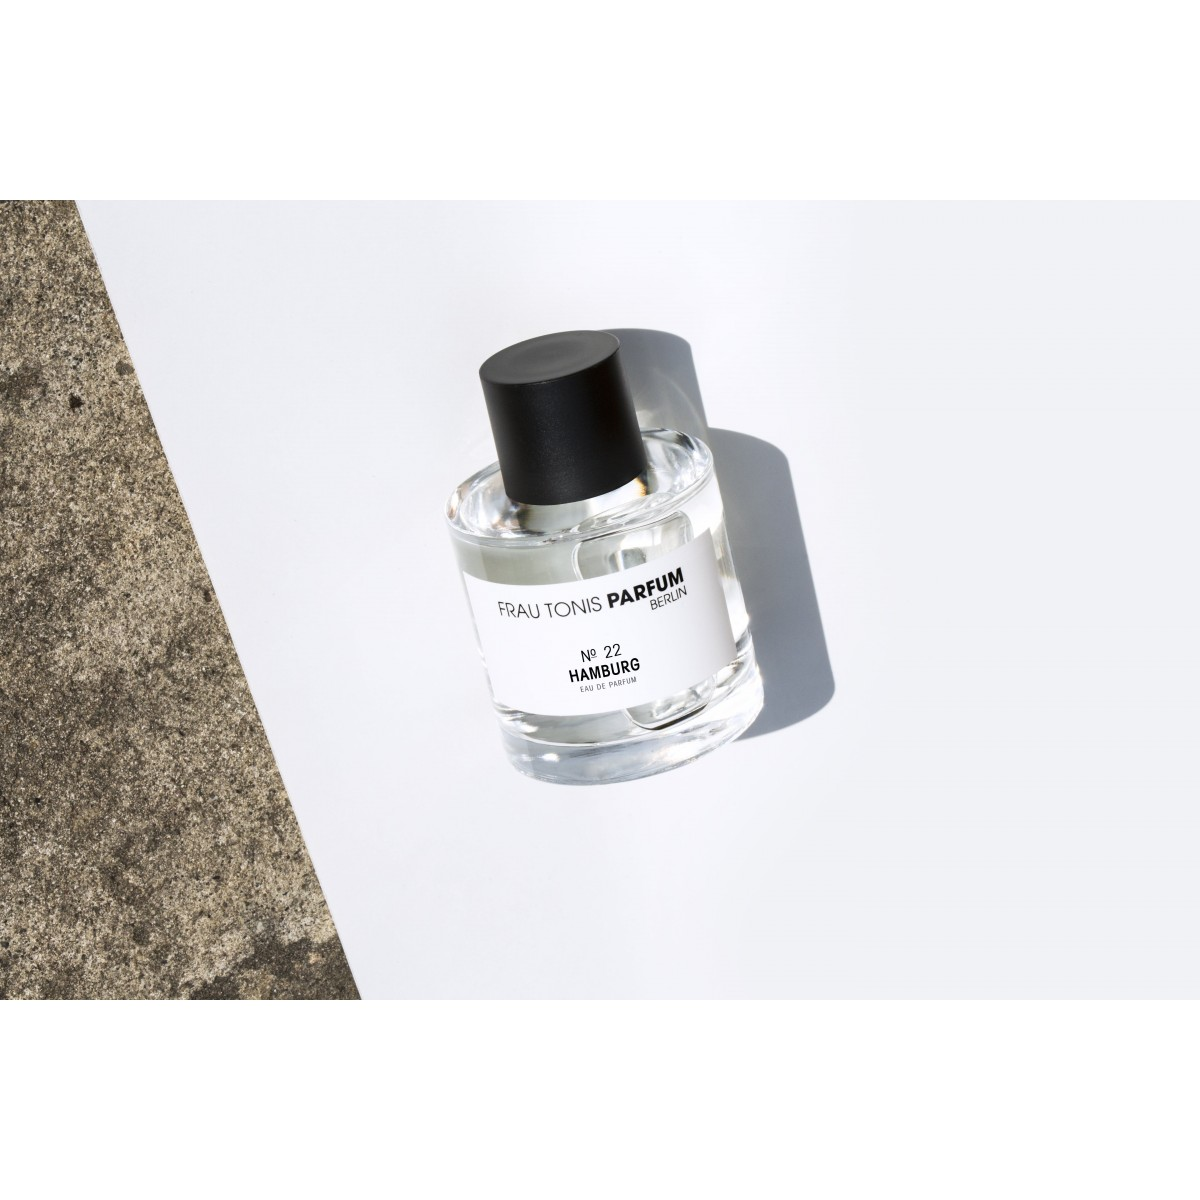 No. 22 Hamburg | Eau de Parfum (100ml) by Frau Tonis Parfum